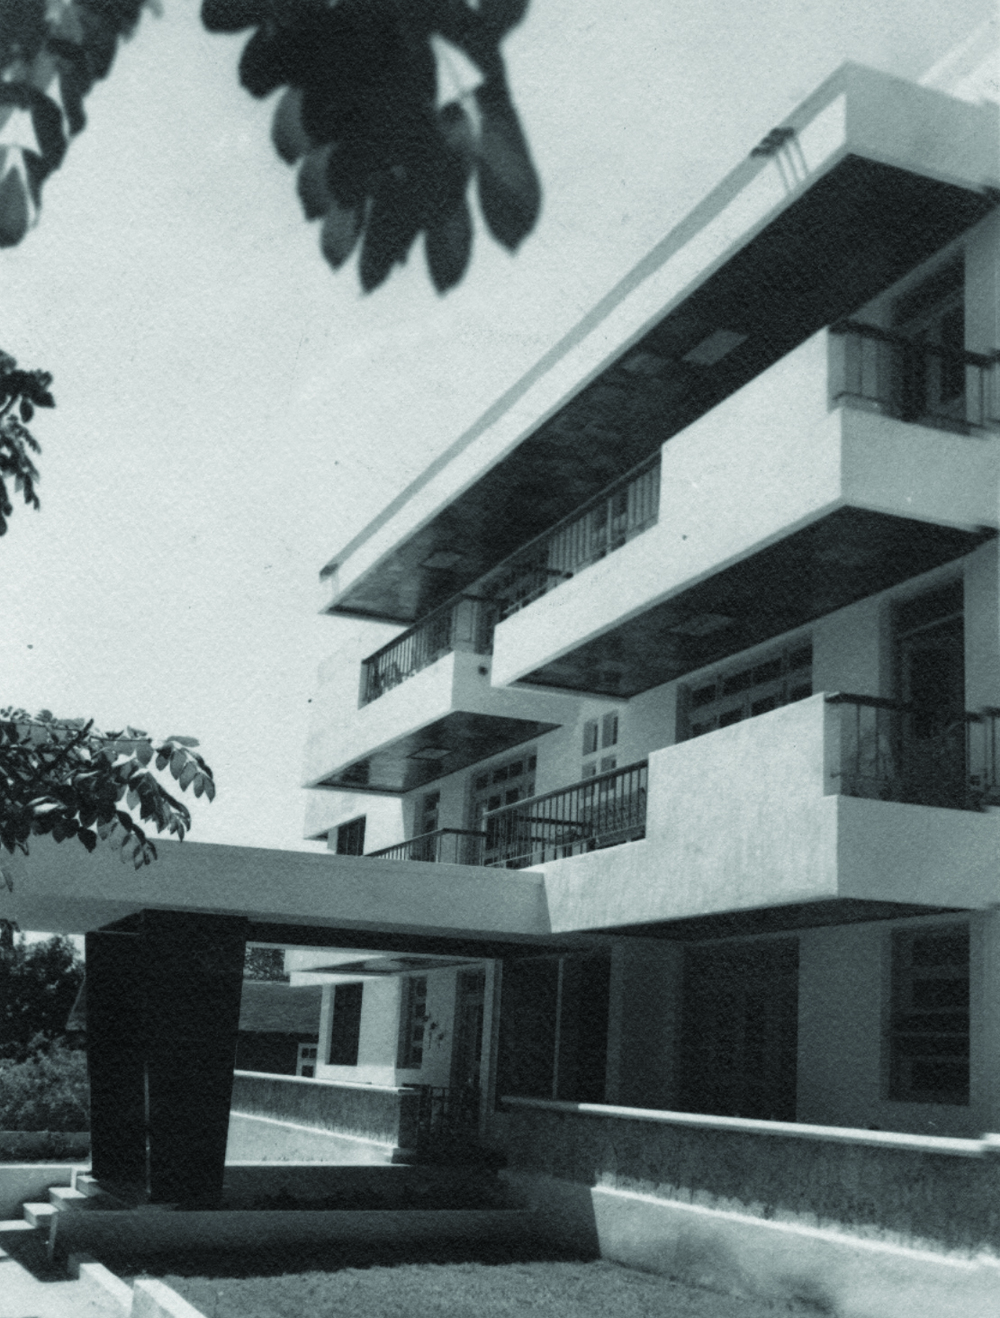 Edificio de apartamentos José A. Caro Álvarez (USAID)